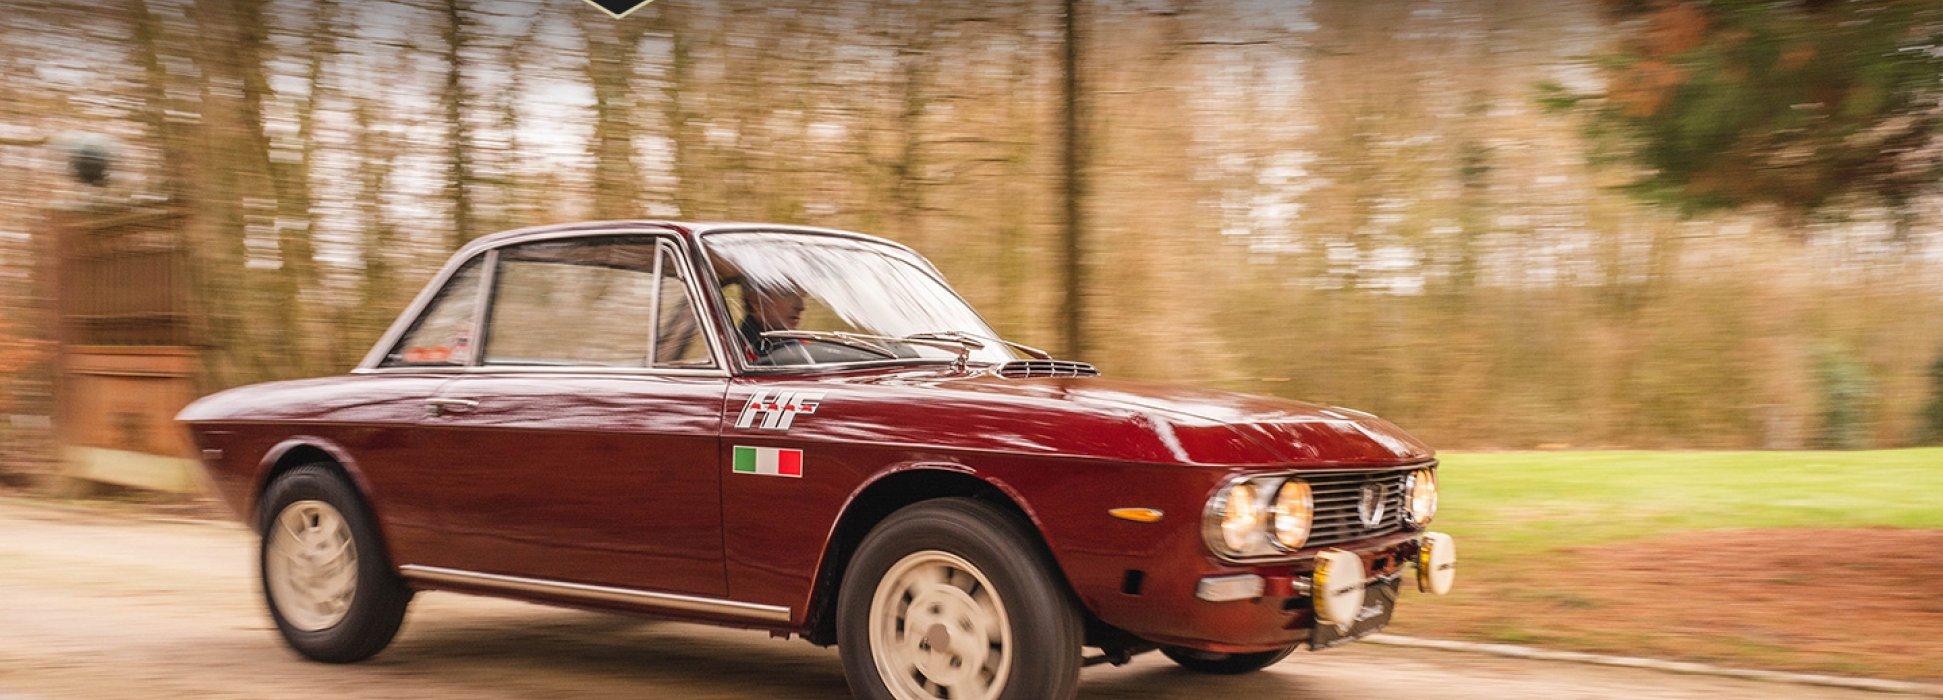 Lancia Fulvia 1.3 S Coupé 2